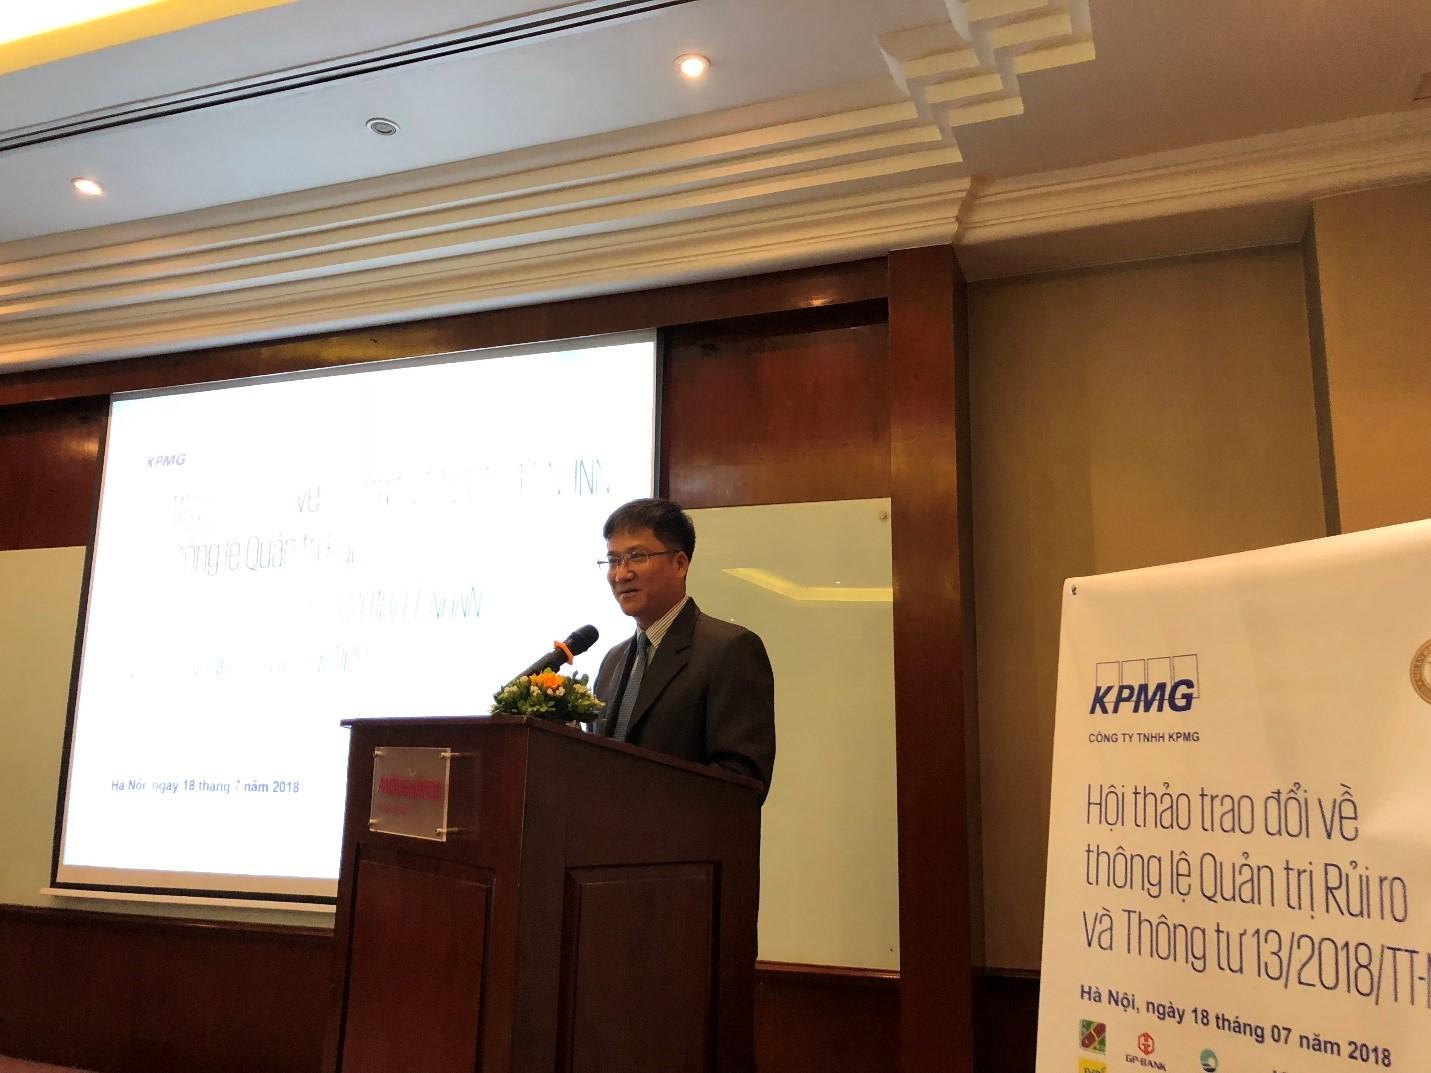 KPMG tổ chức hội thảo về Thông tư 13/2018/TT-NHNN và Quản lý rủi ro với NHNN và các Tổ chức Tín dụng